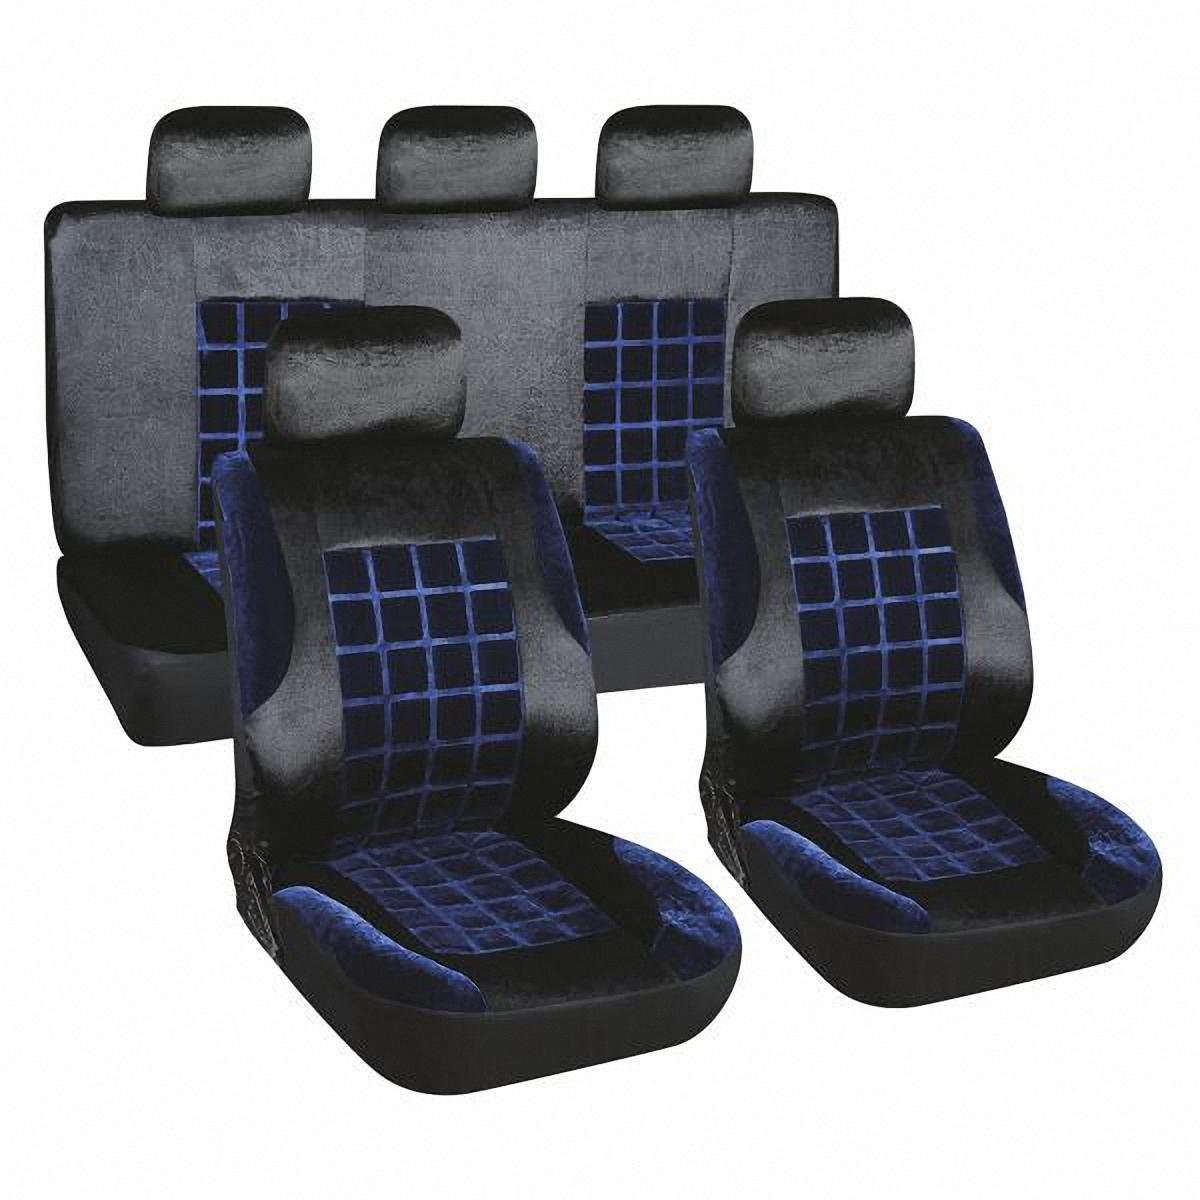 Чехлы автомобильные Skyway. S01301155S01301155Комплект классических универсальных автомобильных чехлов Skyway S01301155 изготовлен из вельвета. Чехлы защитят обивку сидений от вытирания и выцветания. Благодаря структуре ткани, обеспечивается улучшенная вентиляция кресел, что позволяет сделать более комфортными долгое пребывание за рулем во время дальней поездки.